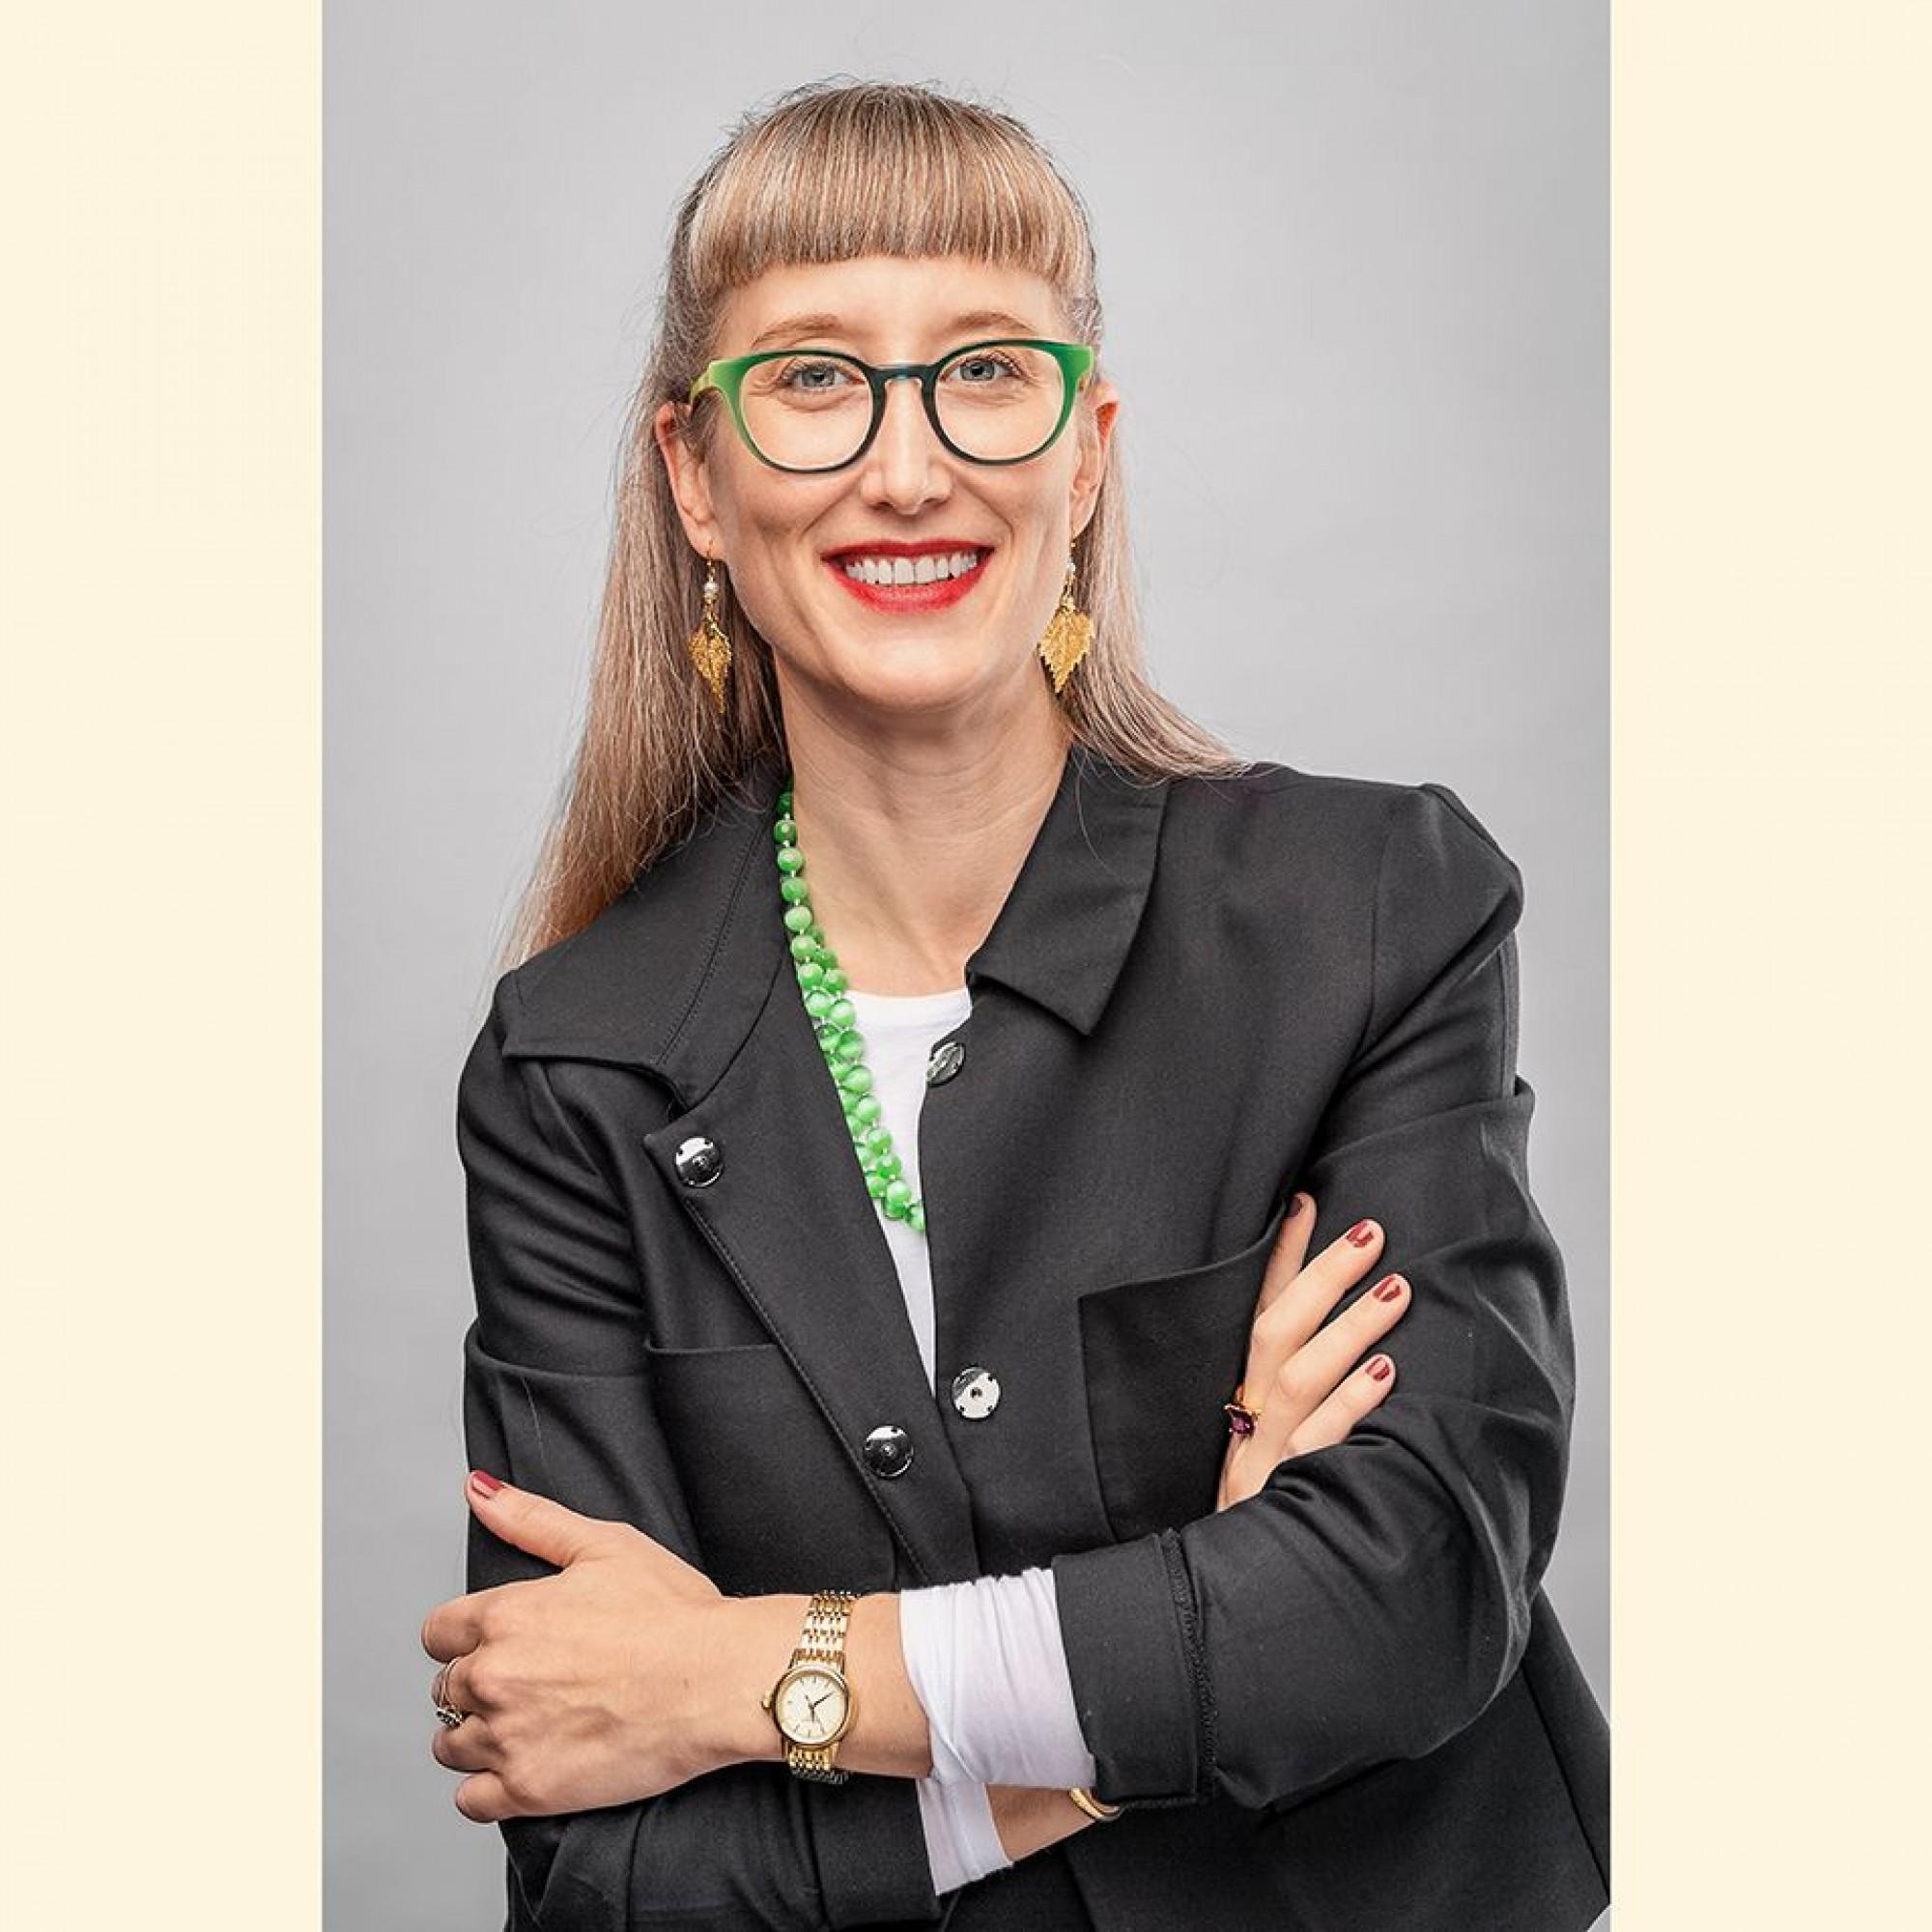 Jennifer Zeltner ist bei derZug Estates AG als Bauherrenvertreterin tätig. In dieser Funktion verantwortet die eidg. dipl. Bauleiterin das Projekt «Baufeld1» der Suurstoffi in Rotkreuz.